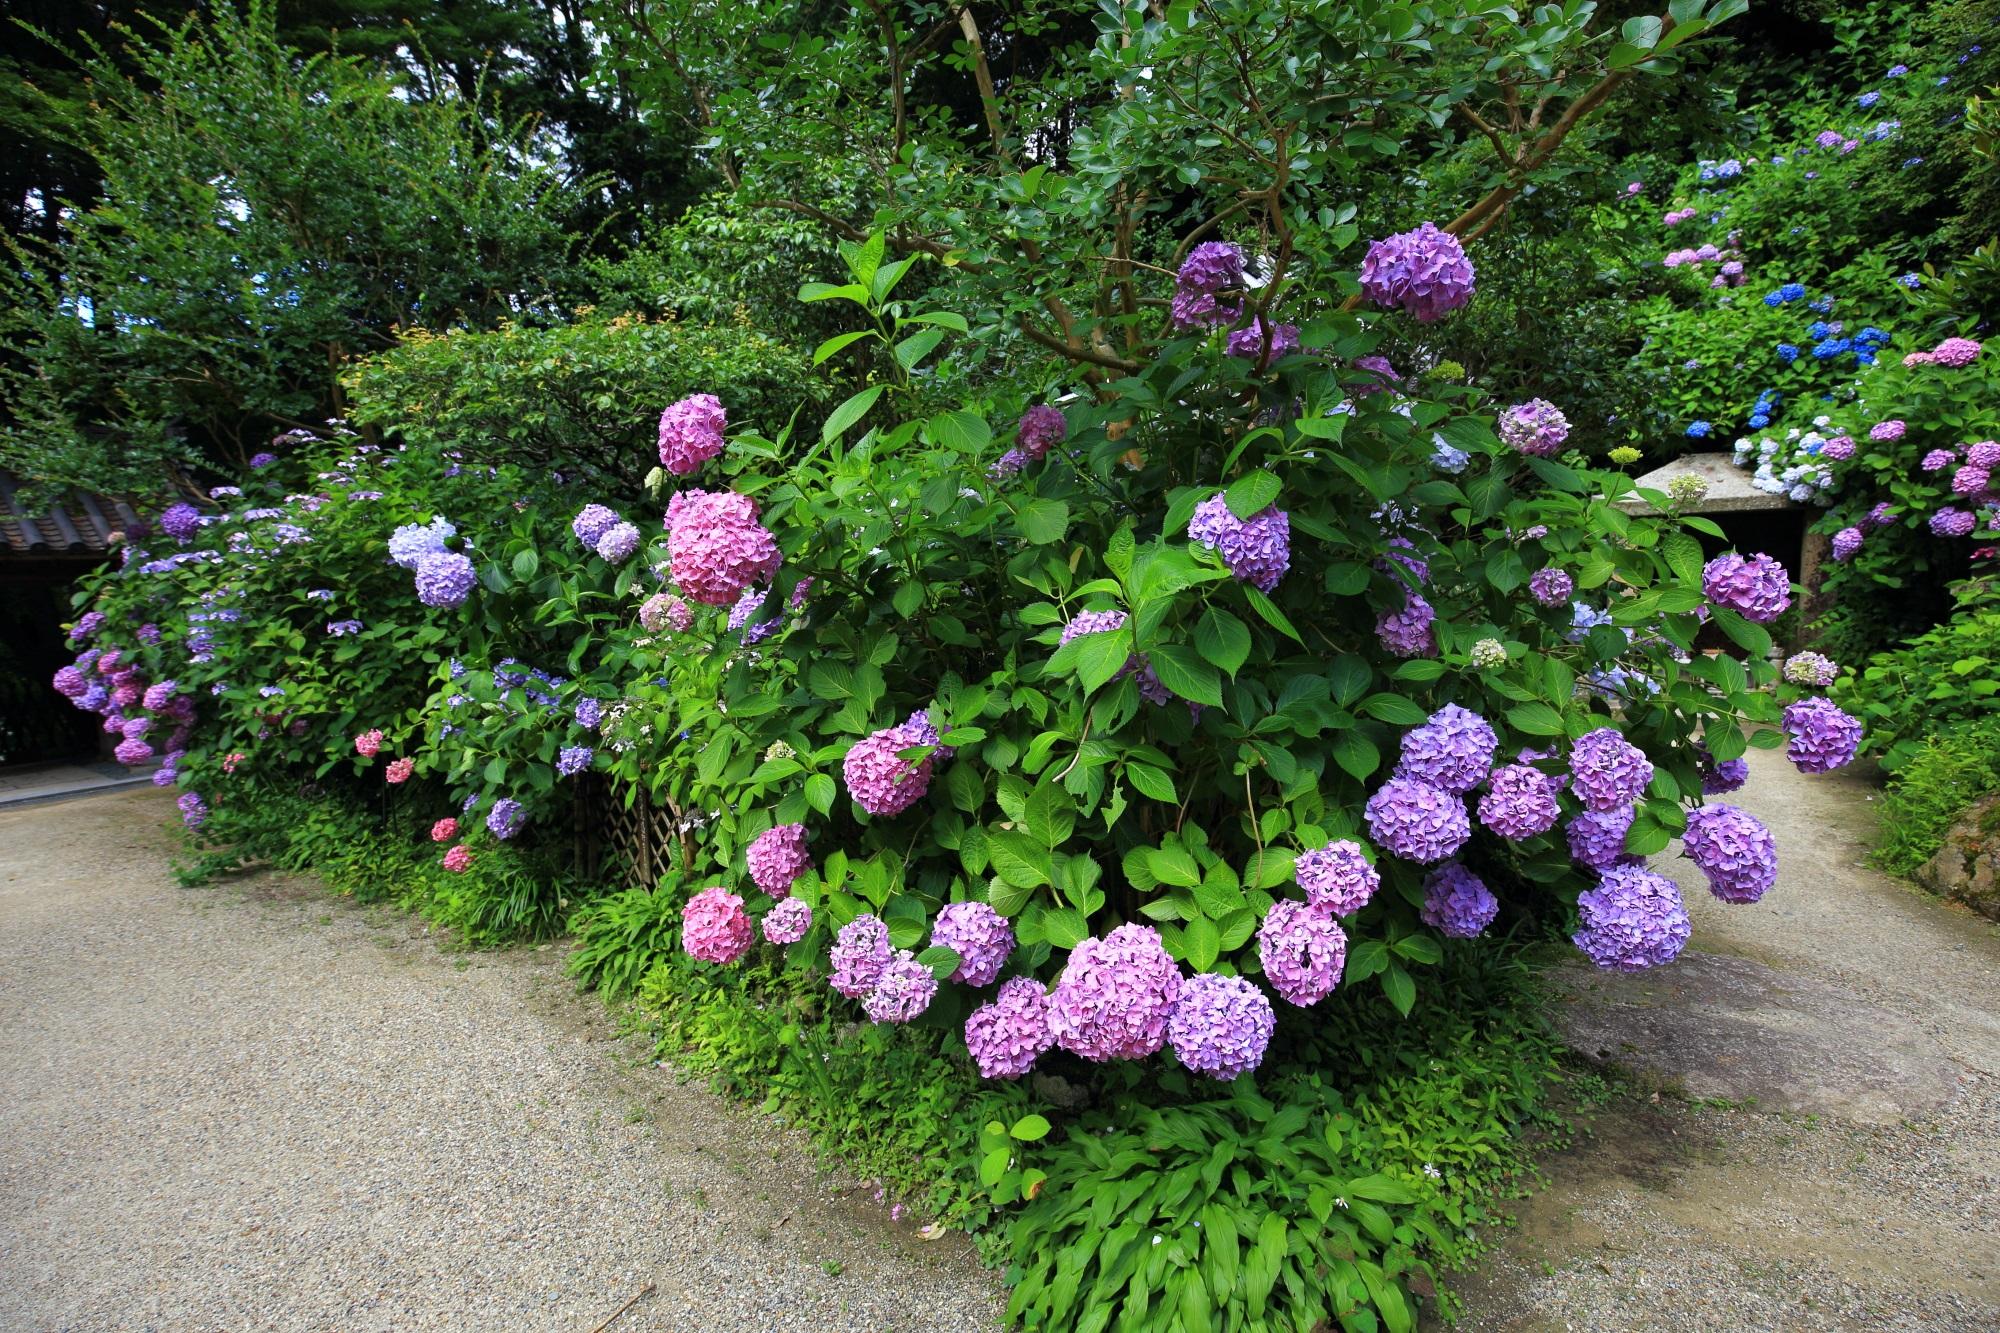 鮮やかな紫陽花でいっぱいの岩船寺の参道